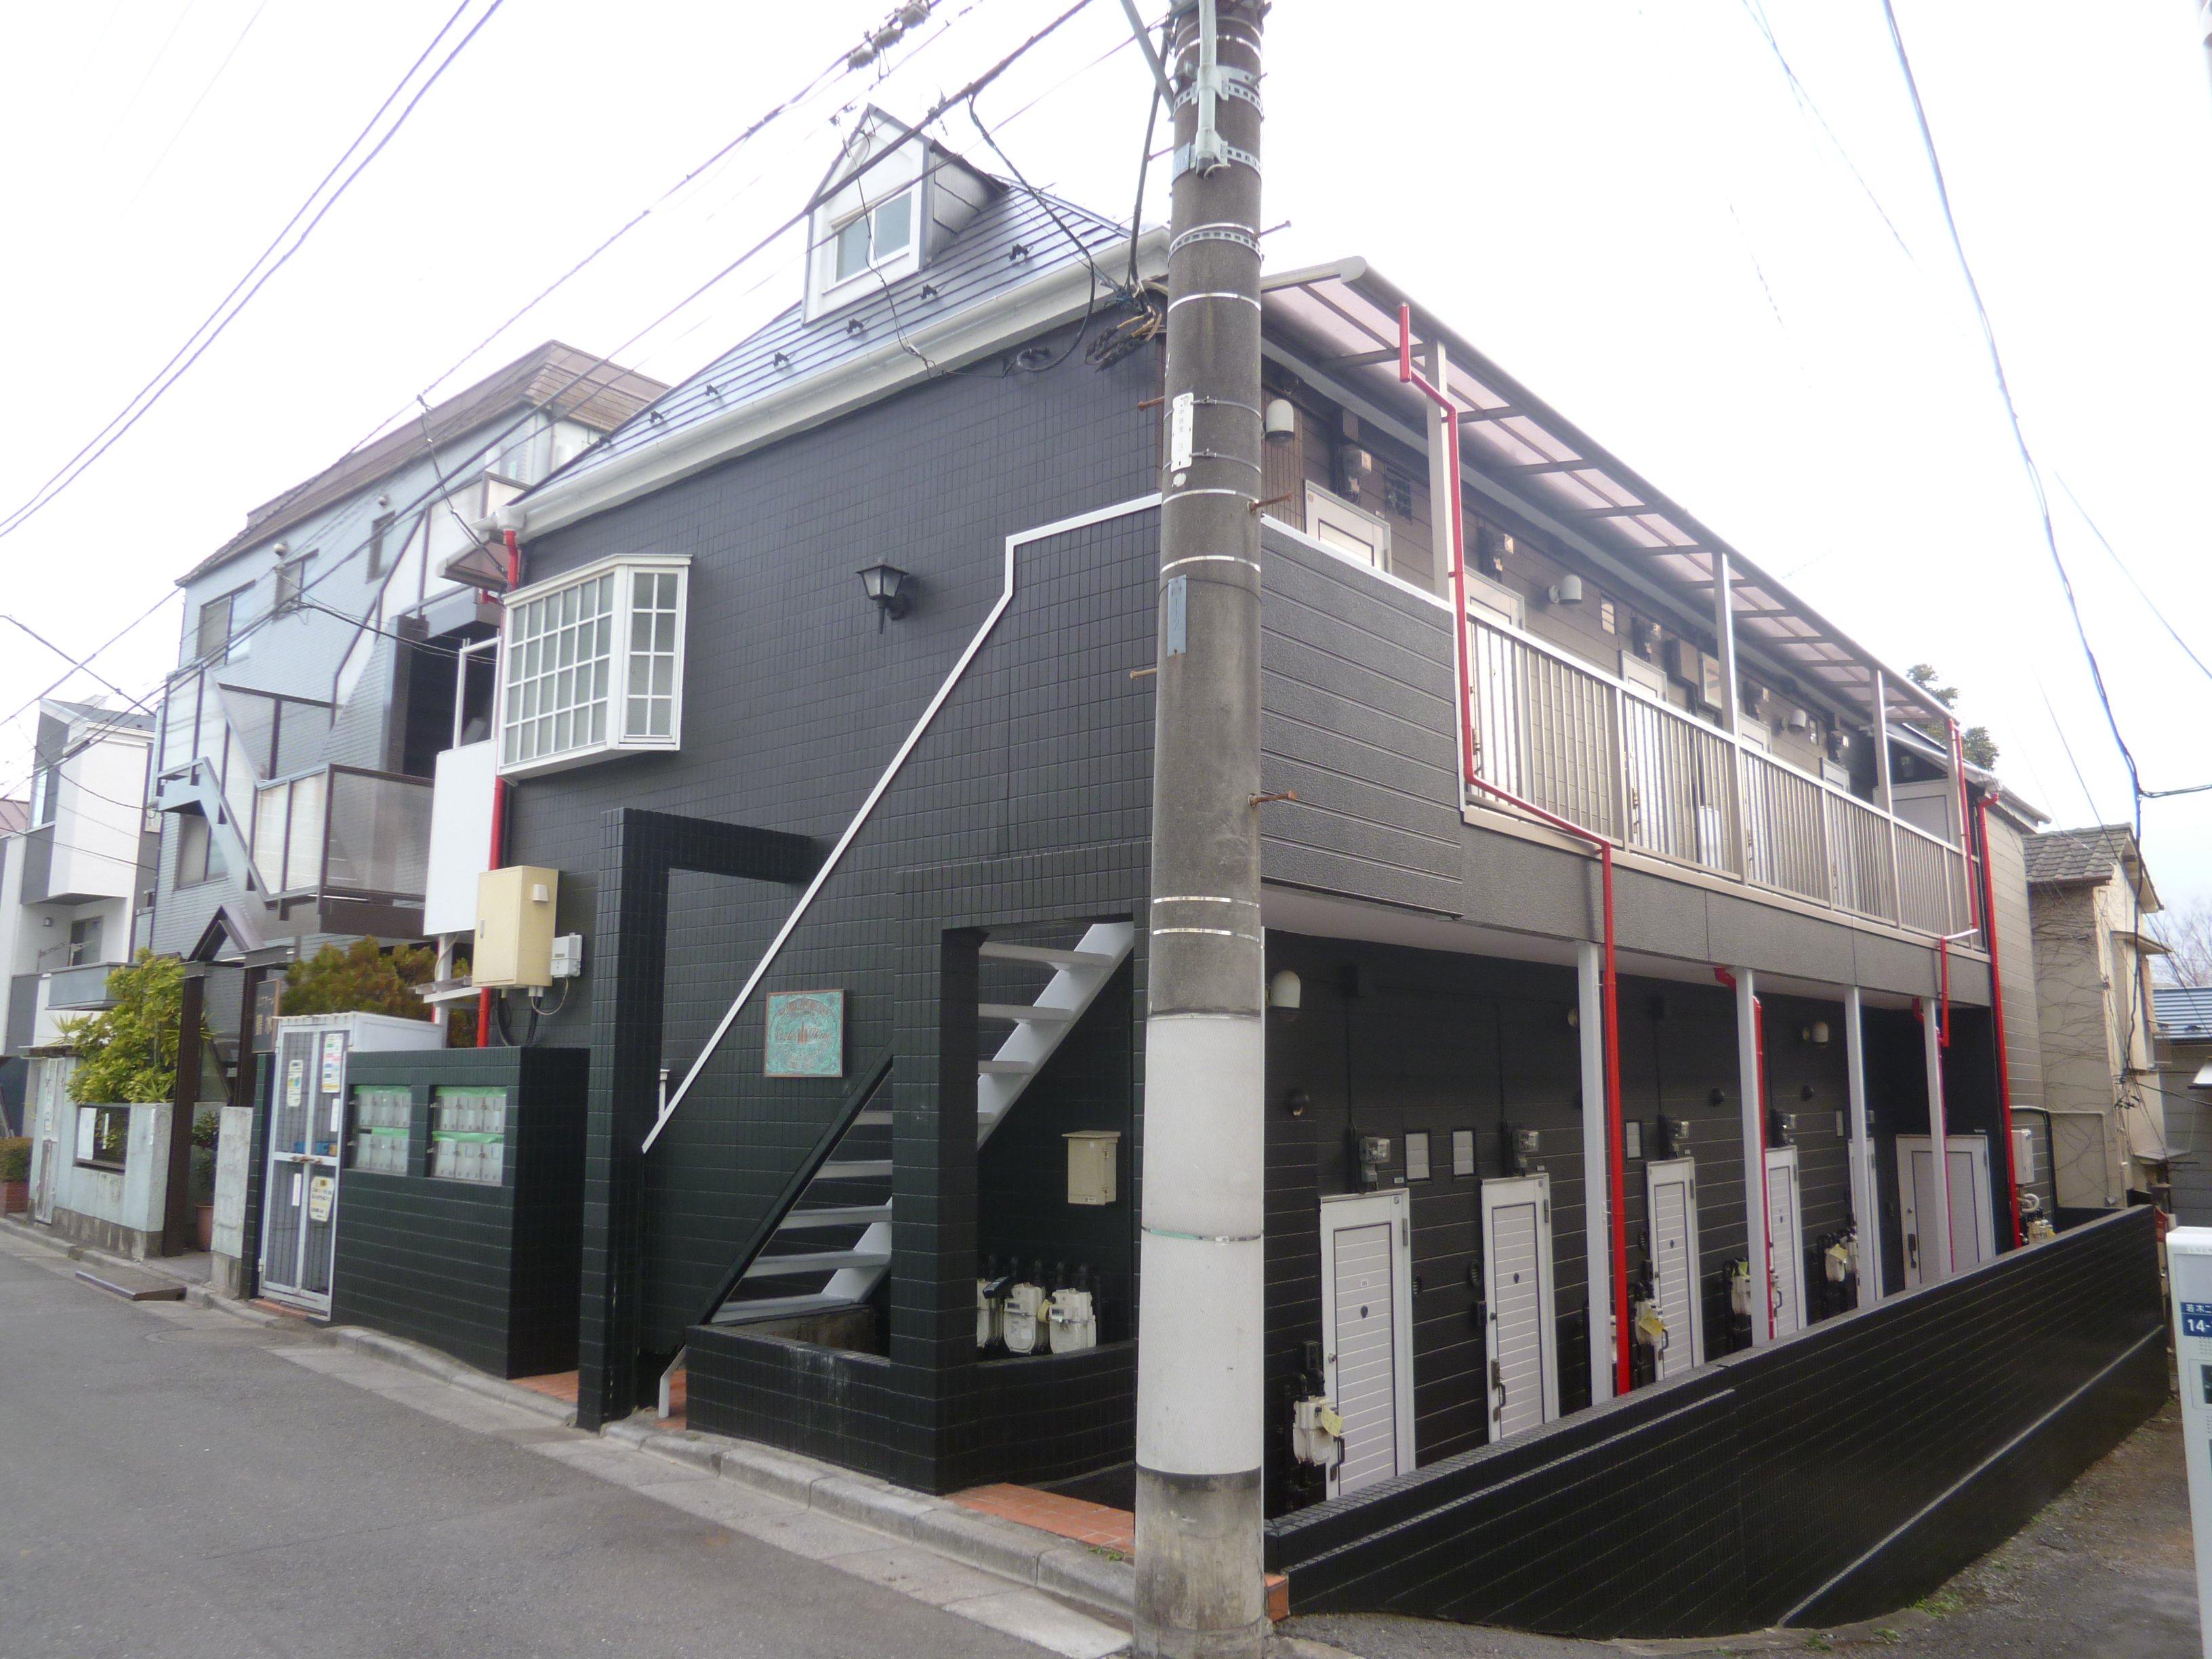 セドルハイム上板橋 - After:1枚目